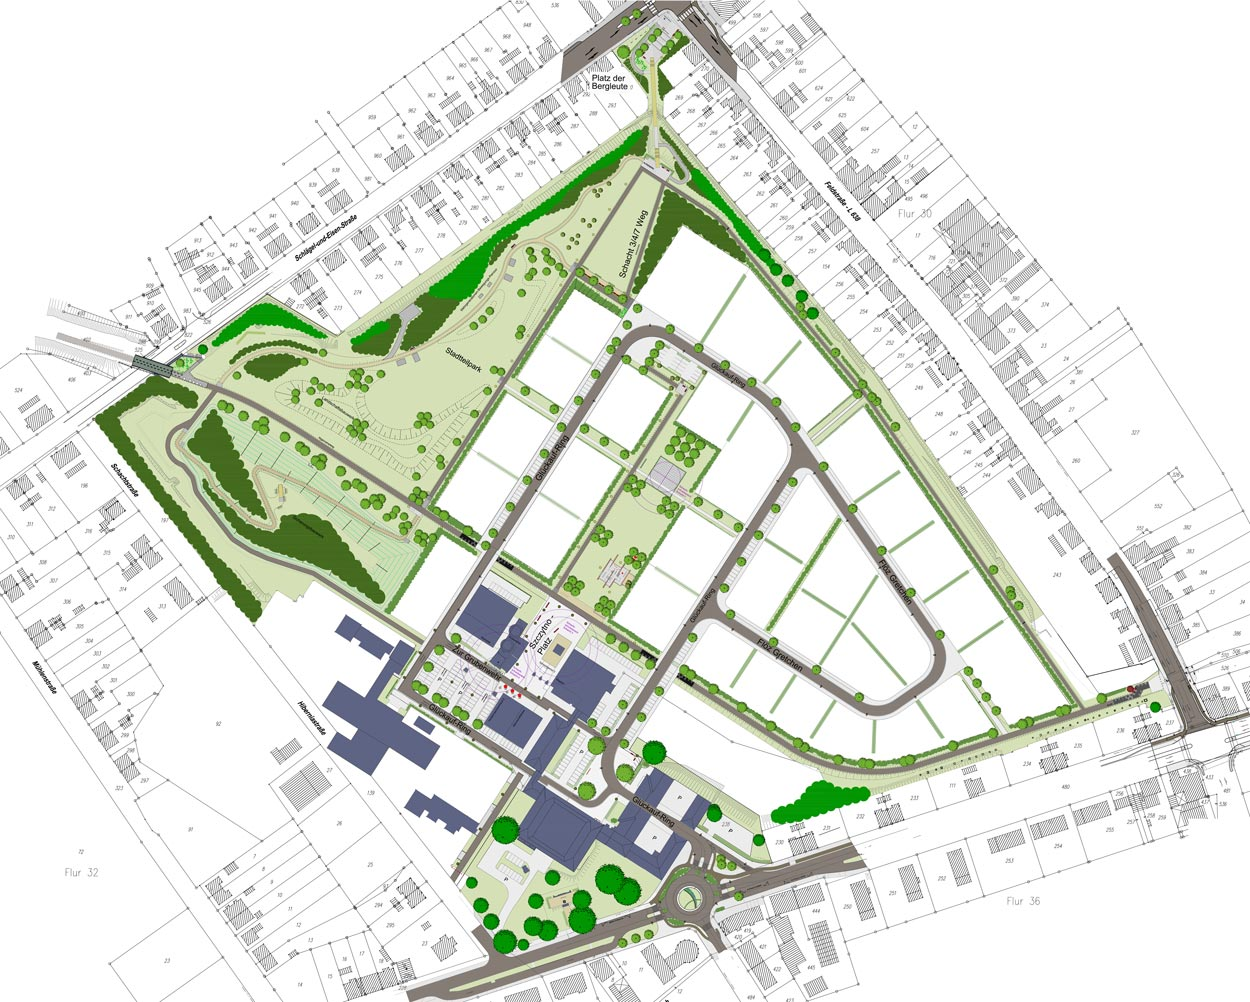 Entwurfsplan Revitalisierung der ehemaligen Schachtanlage Schlägel & Eisen 3/4/7 Herten-Langenbochum Gestaltungshandbuch Planquadrat